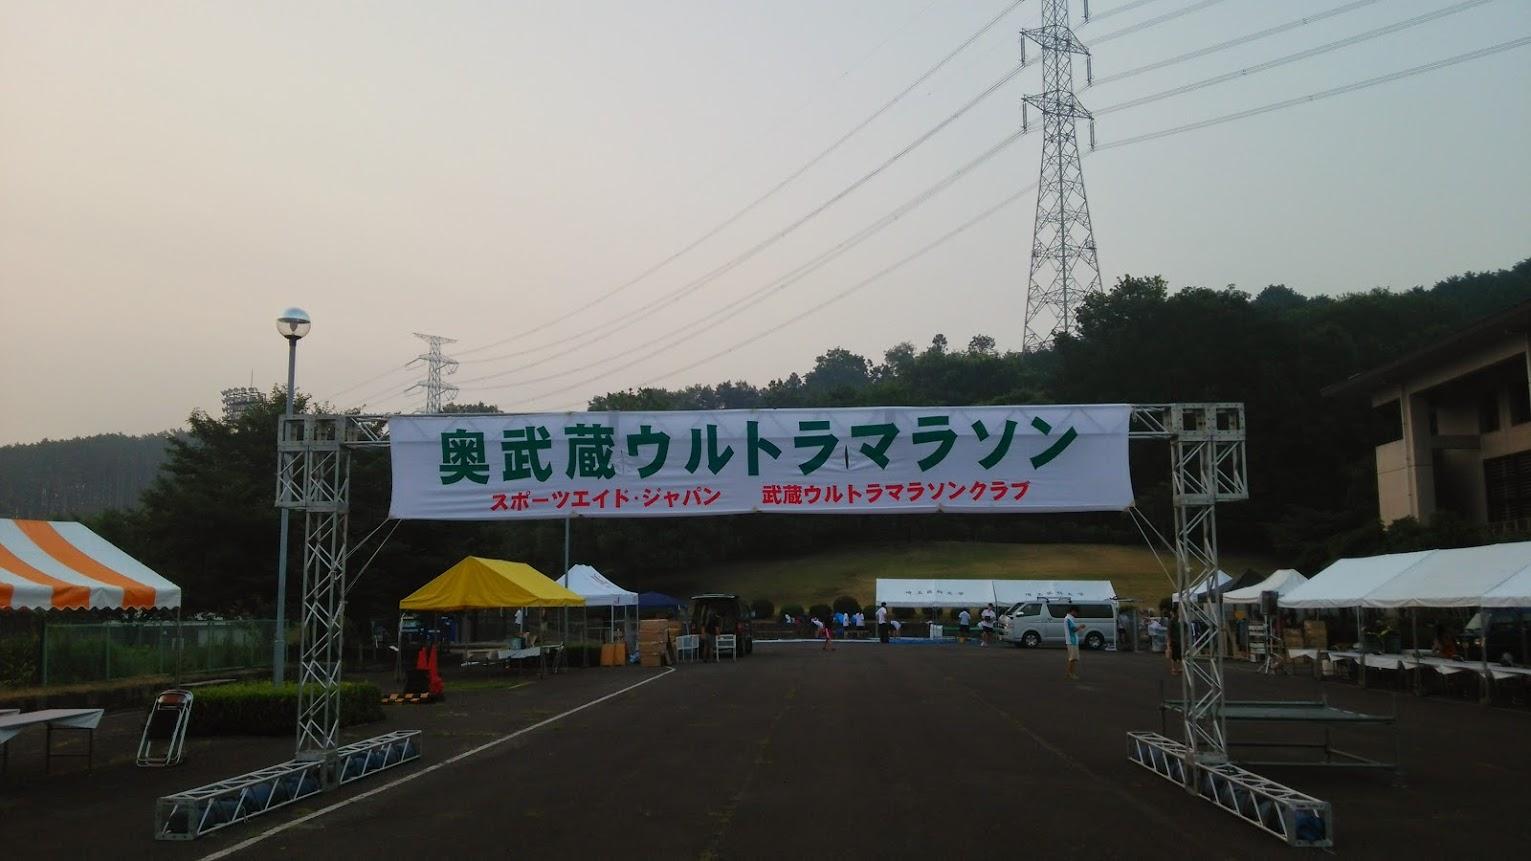 奥武蔵ウルトラマラソン出場結果、詳細編